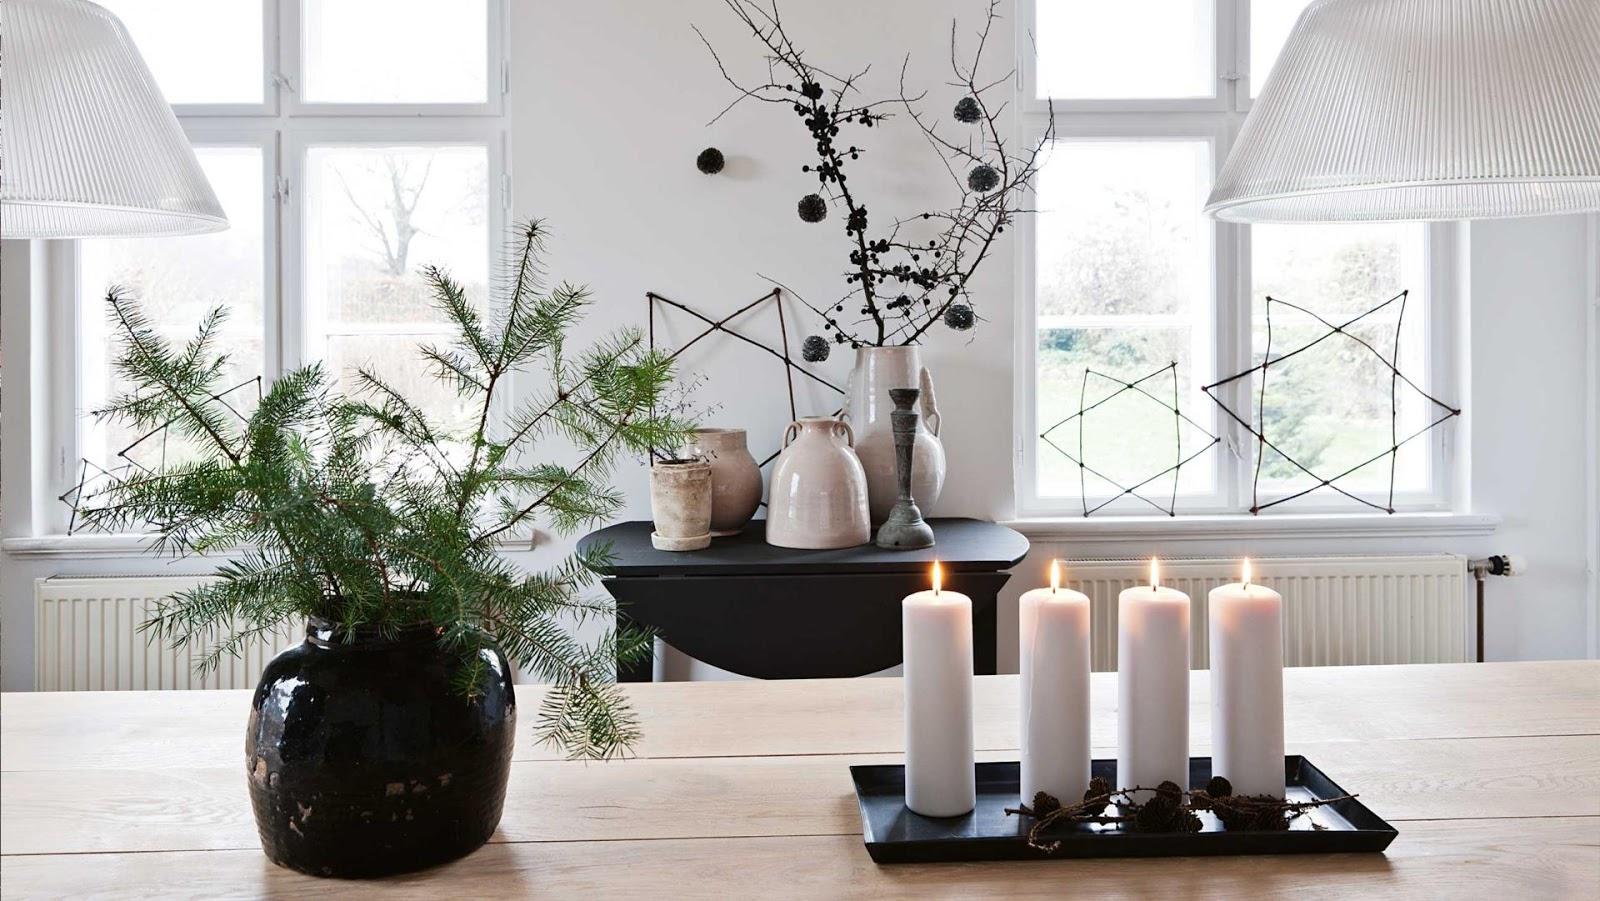 Navidad escandinava claves de una decoraci n monocrom tica y minimalista ministry of deco - Decoracion navidena minimalista ...